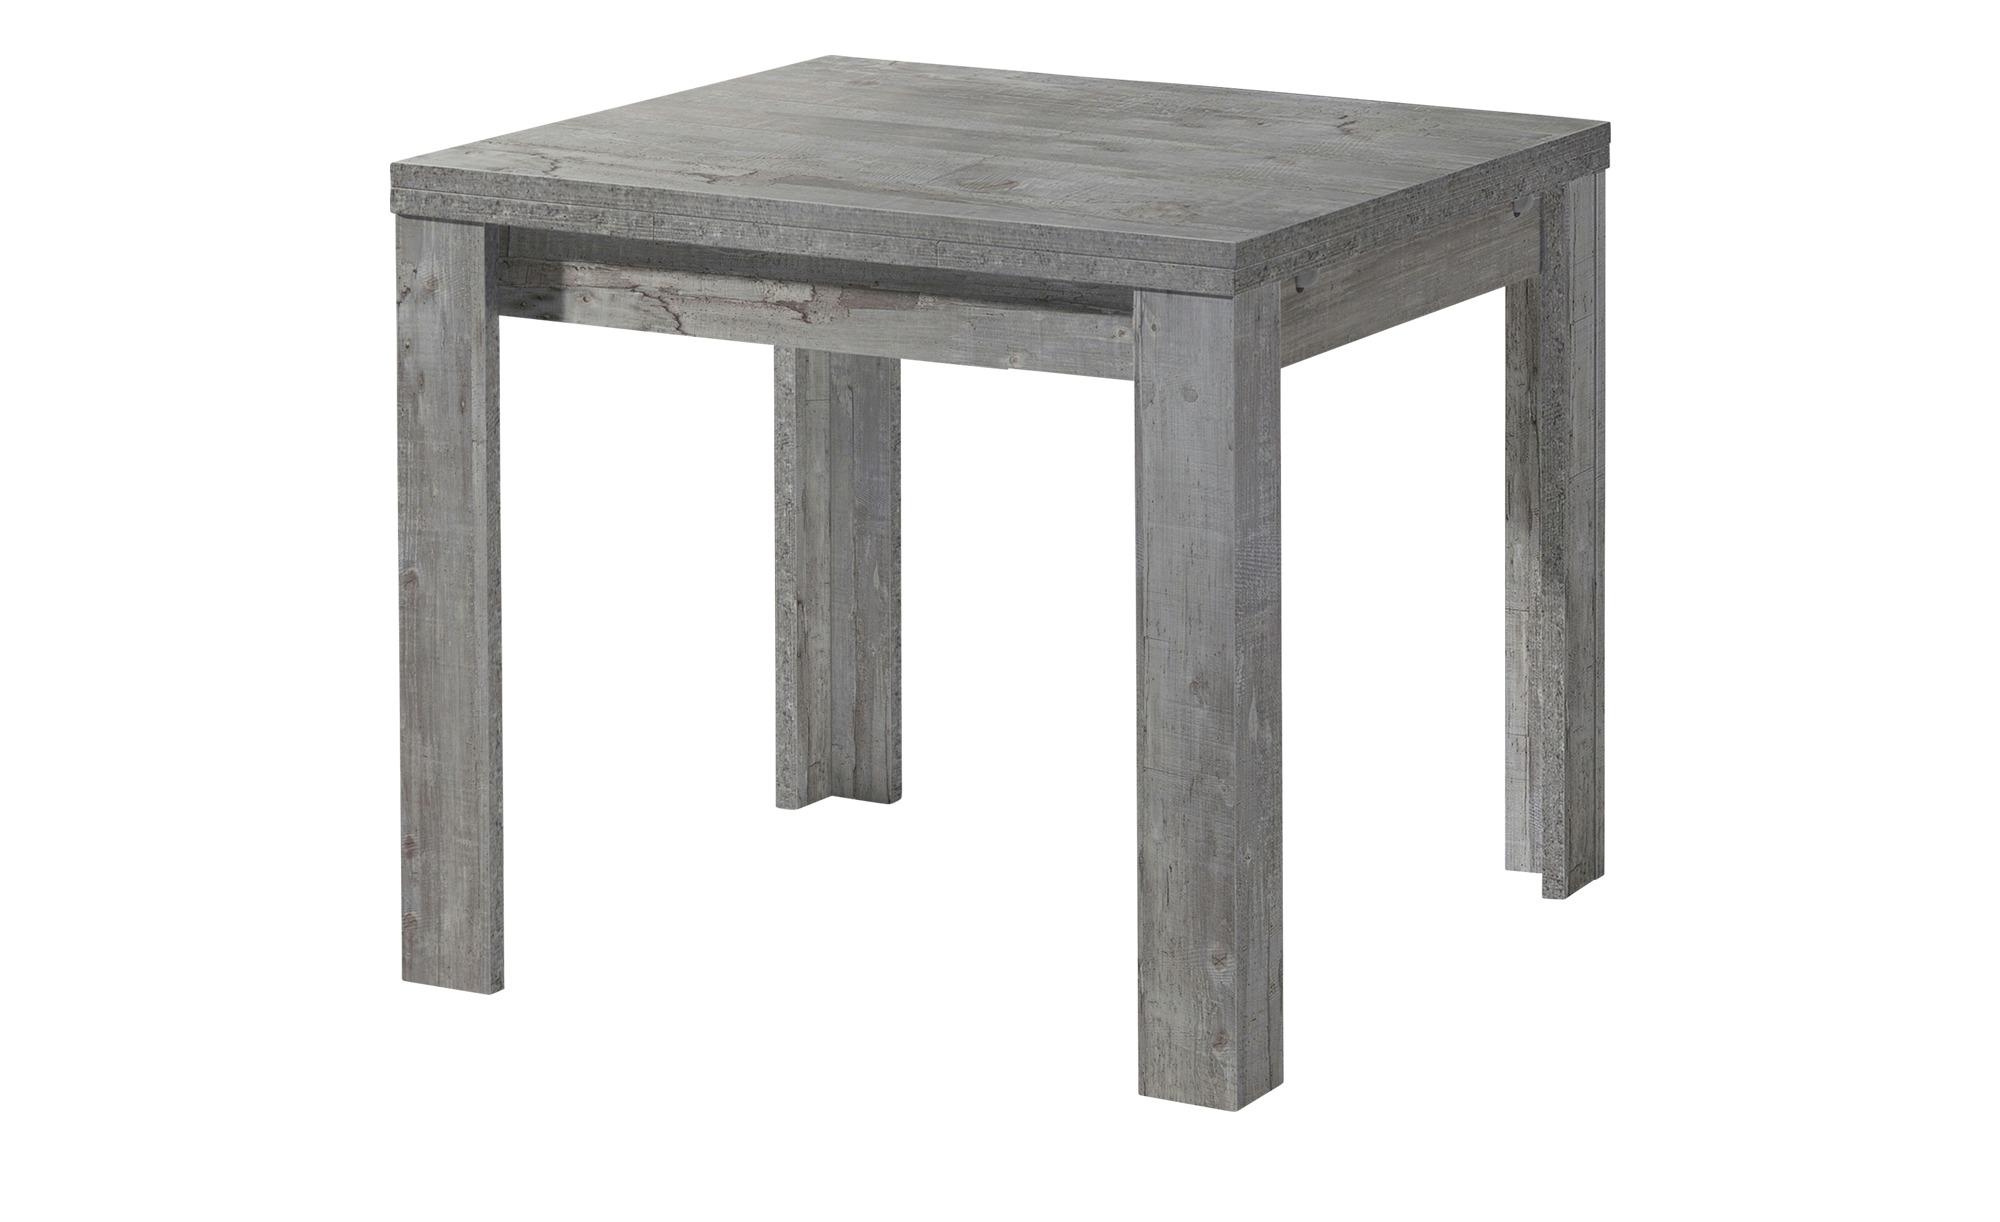 Esstisch  FleX ¦ grau ¦ Maße (cm): B: 60 H: 78 Tische > Esstische > Esstische ausziehbar - Höffner